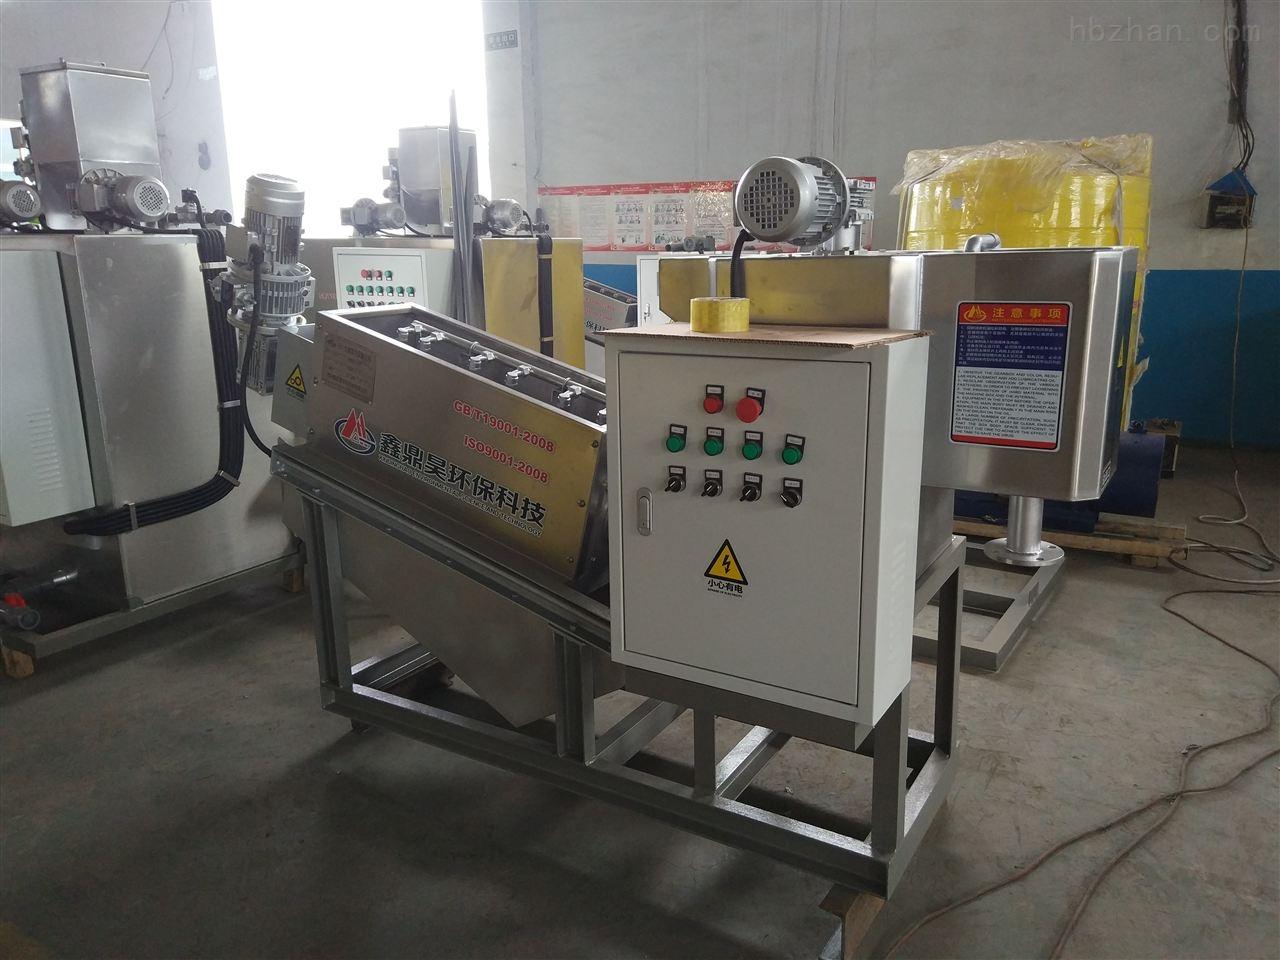 内蒙古自治区赤峰食品厂污水处理设备价格行情